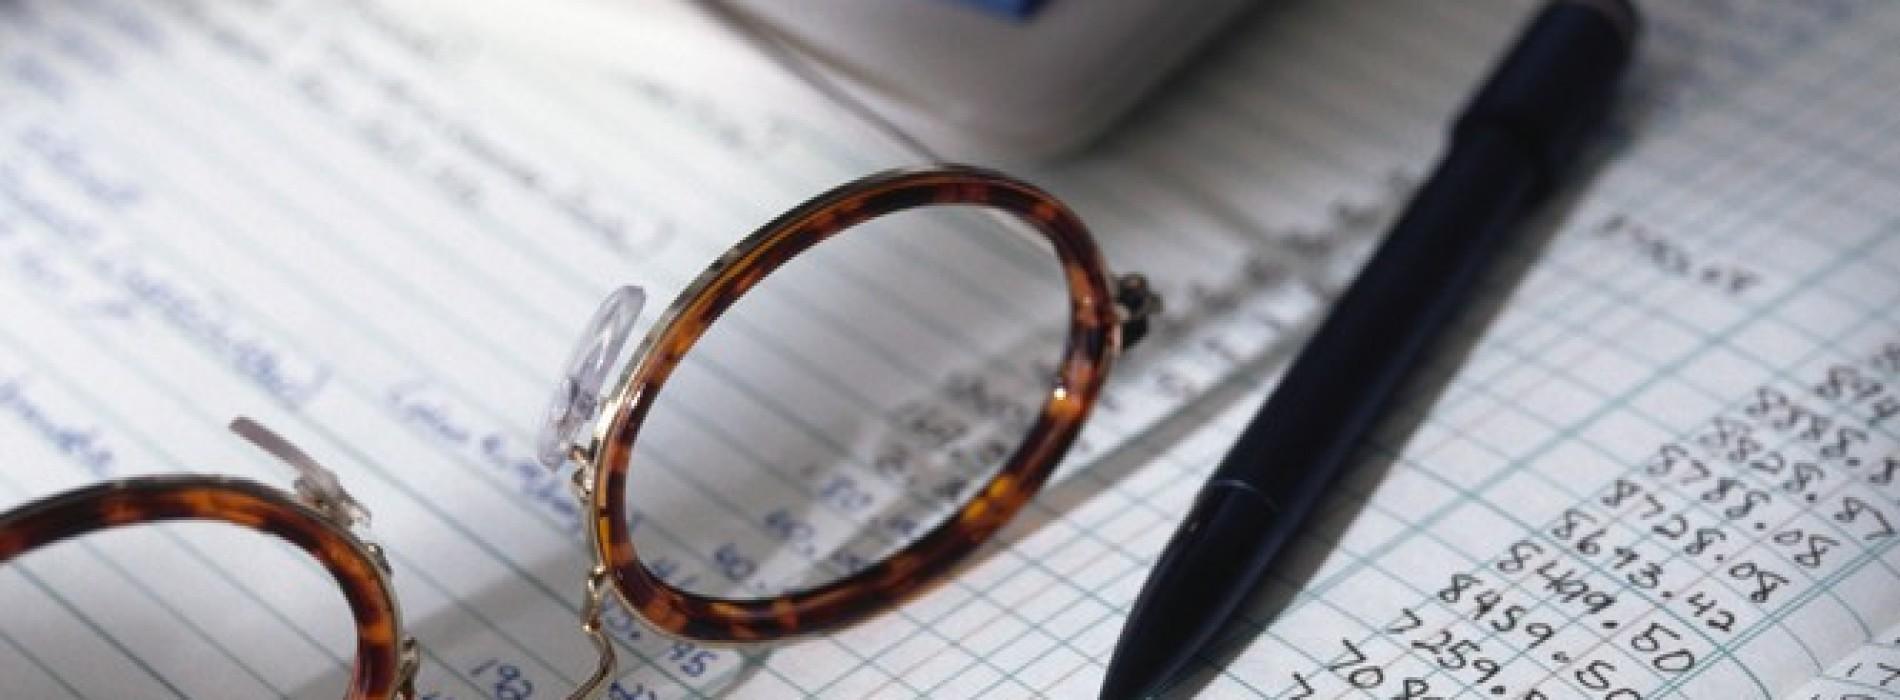 W jaki sposób określa się wypłacalność przedsiębiorstwa?